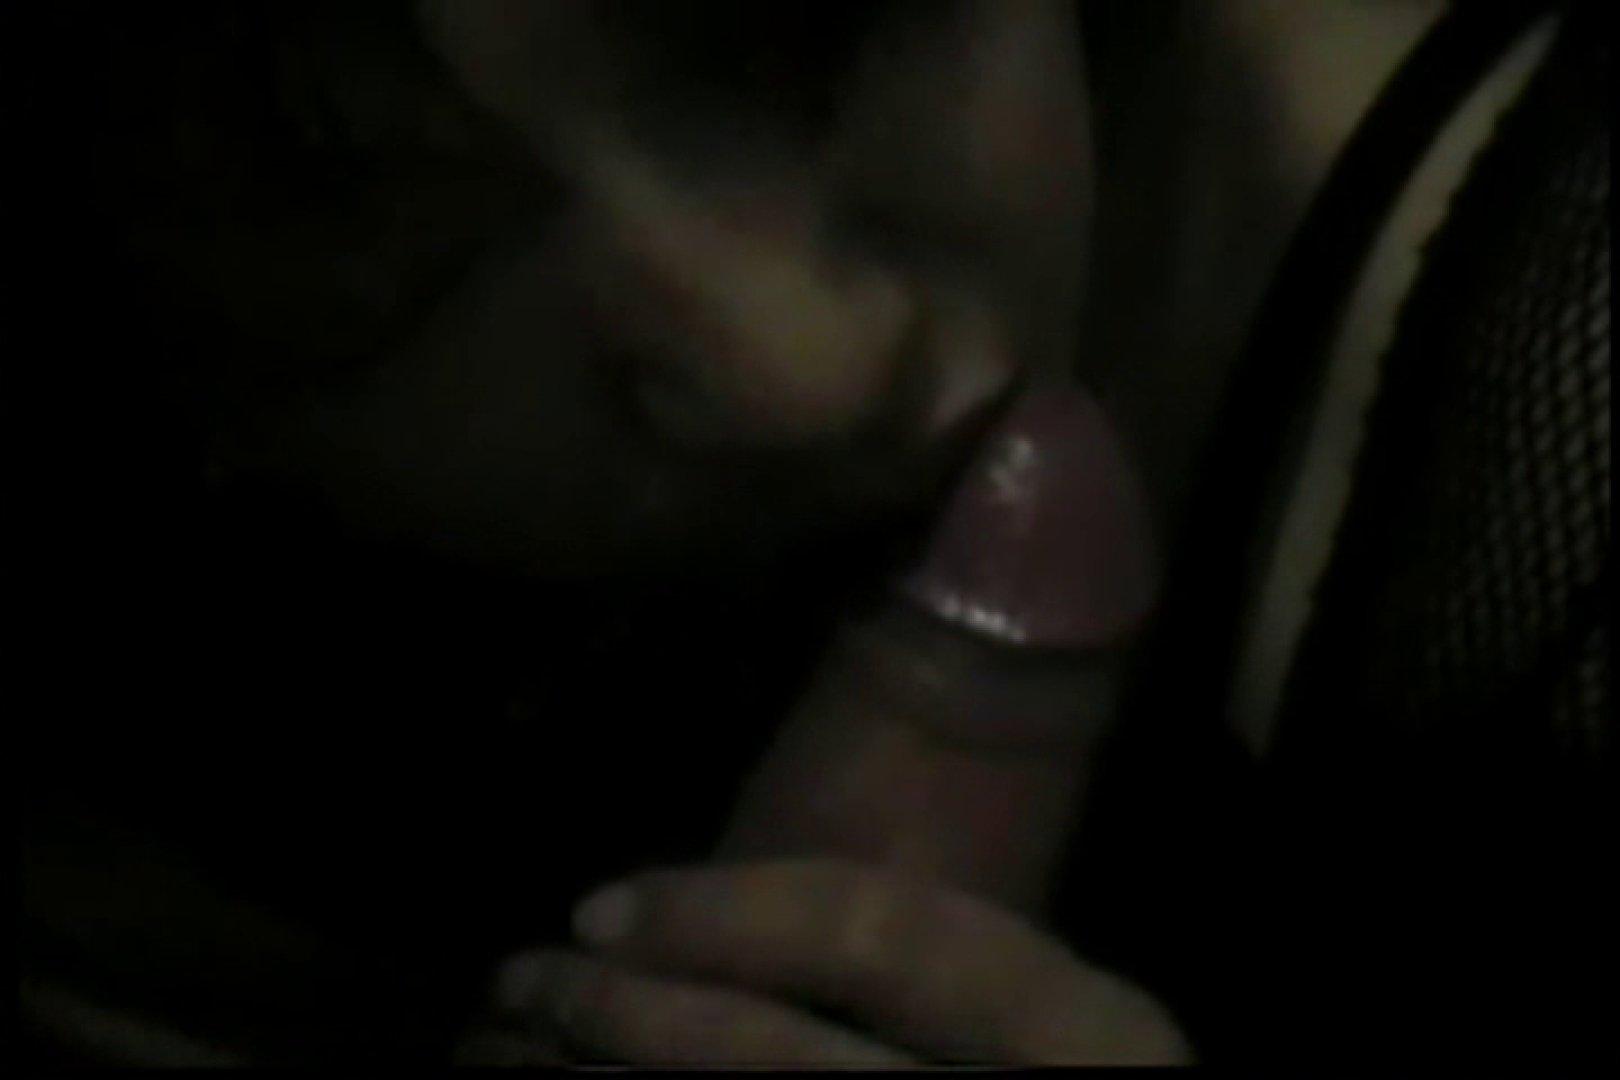 妻と寝台列車にて・・・ フェラチオ SEX無修正画像 102PIX 94